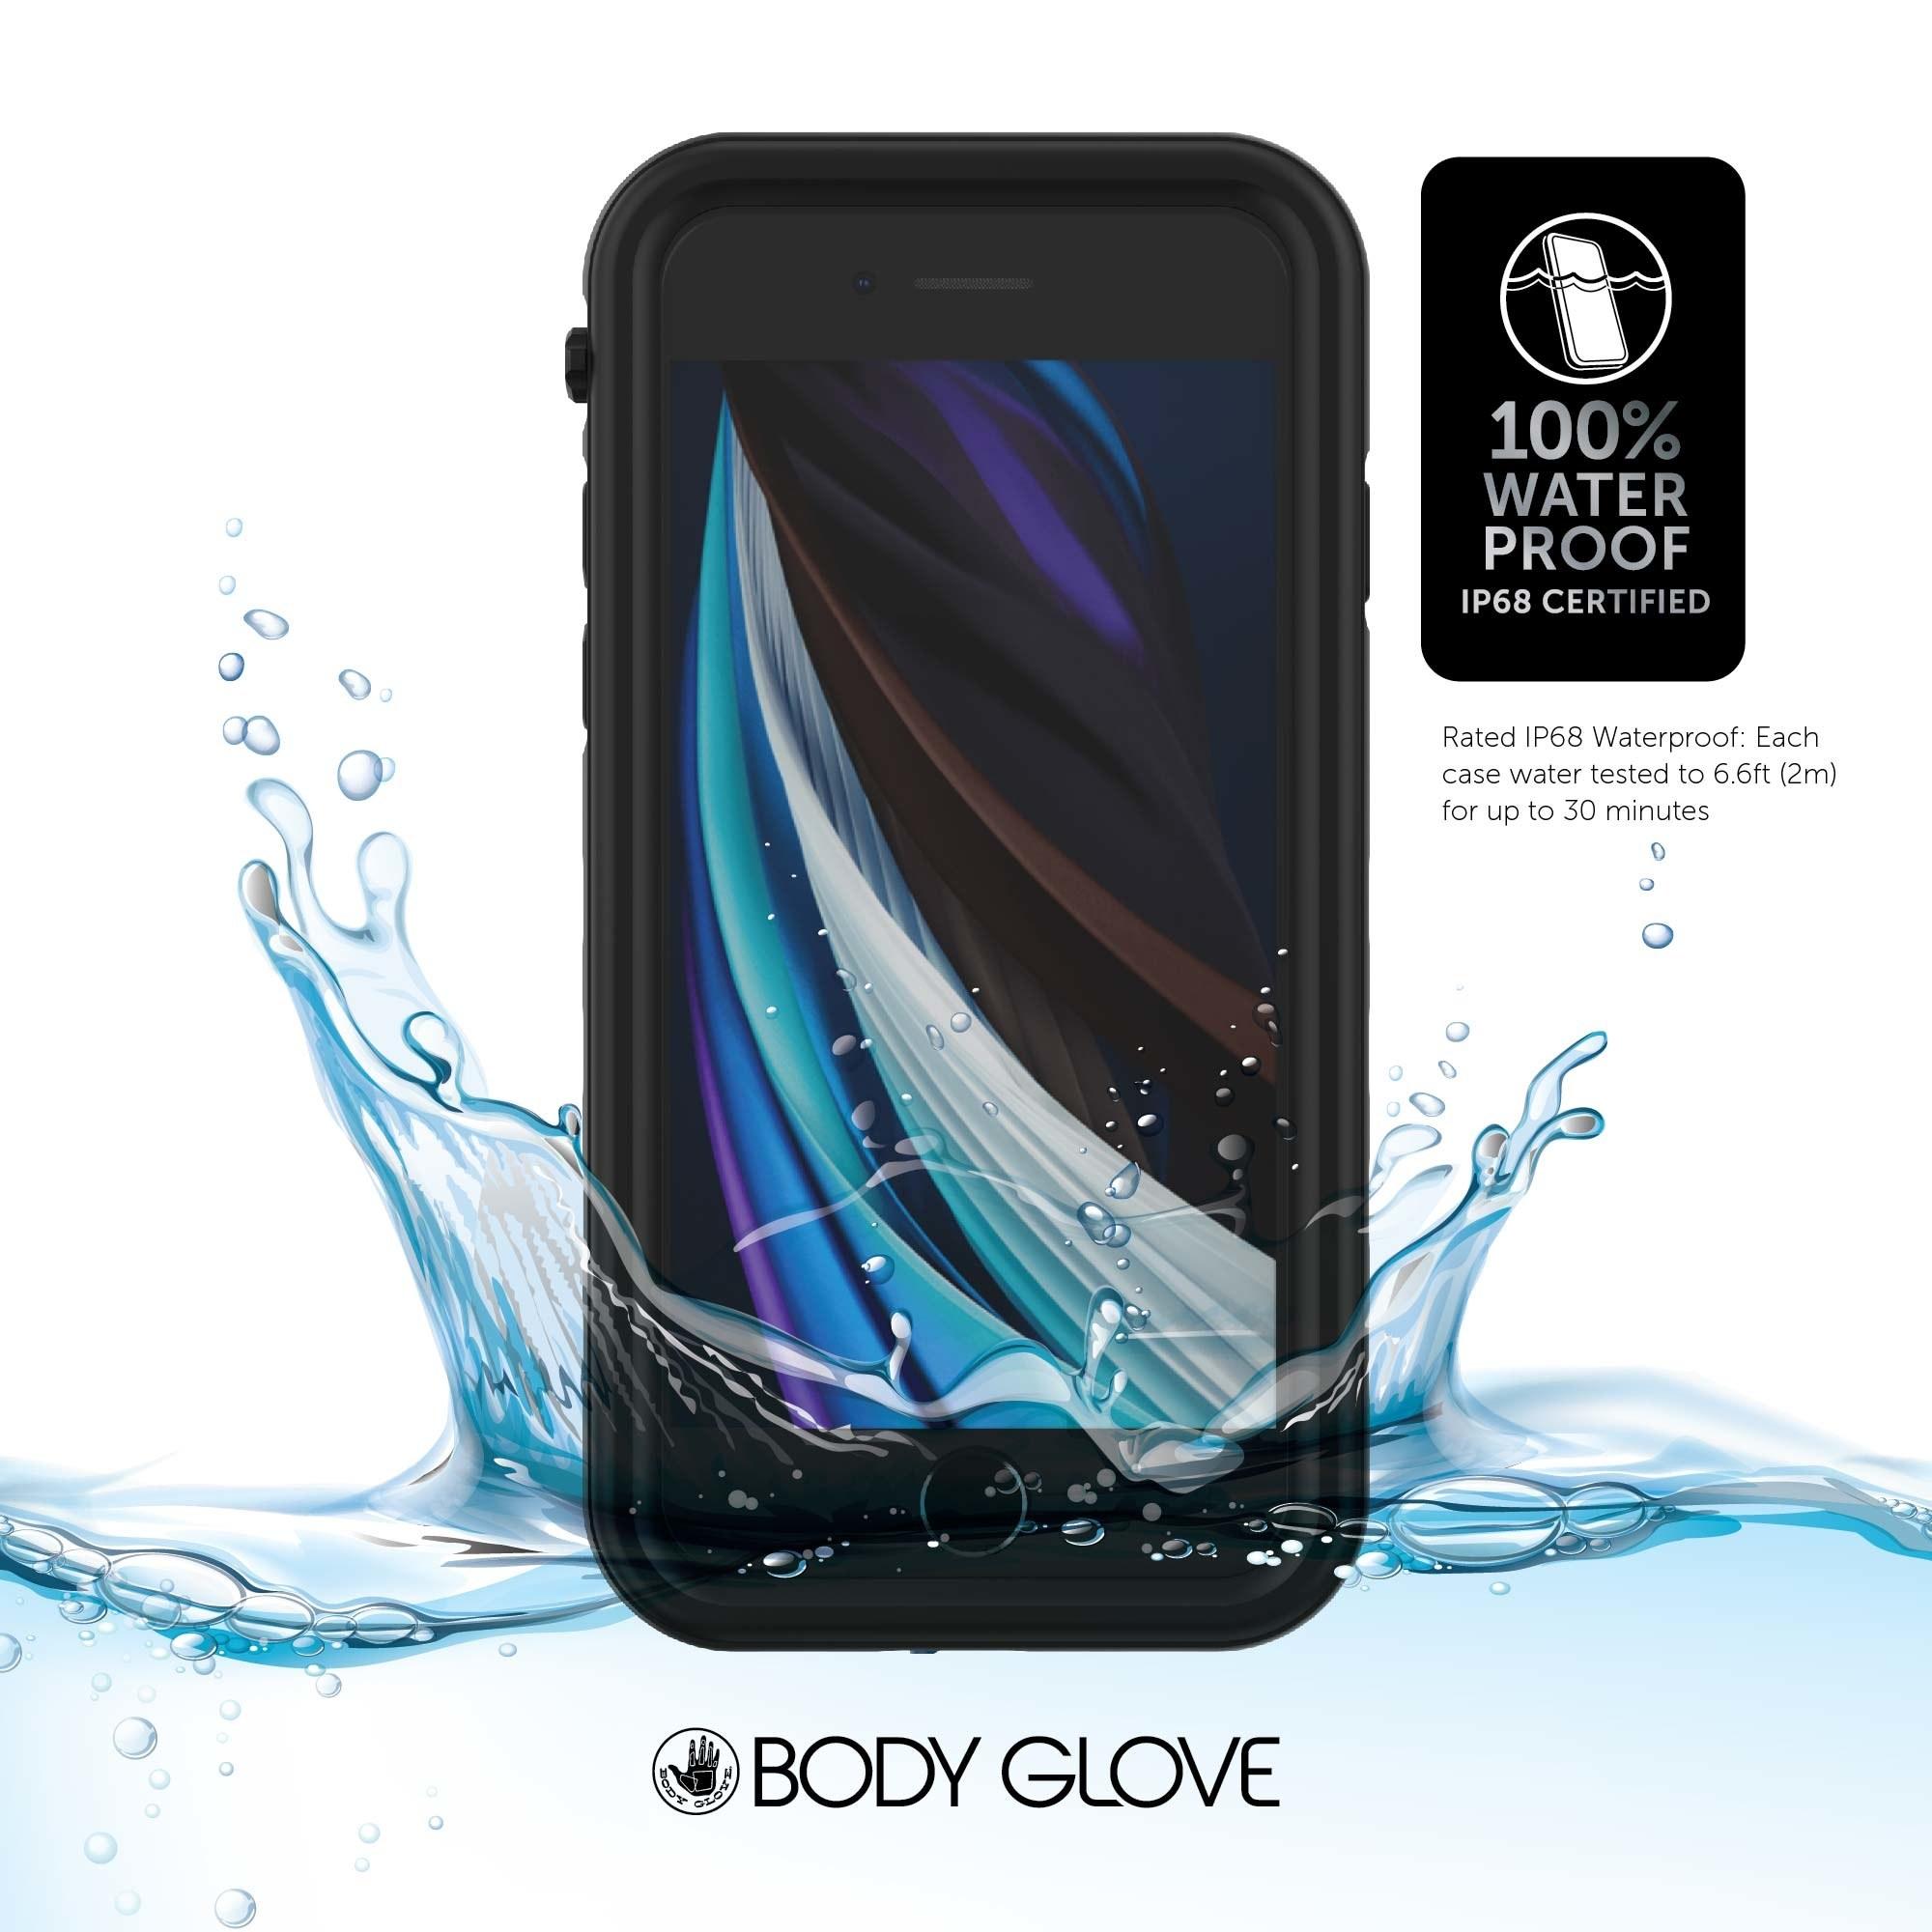 The black waterproof phone case